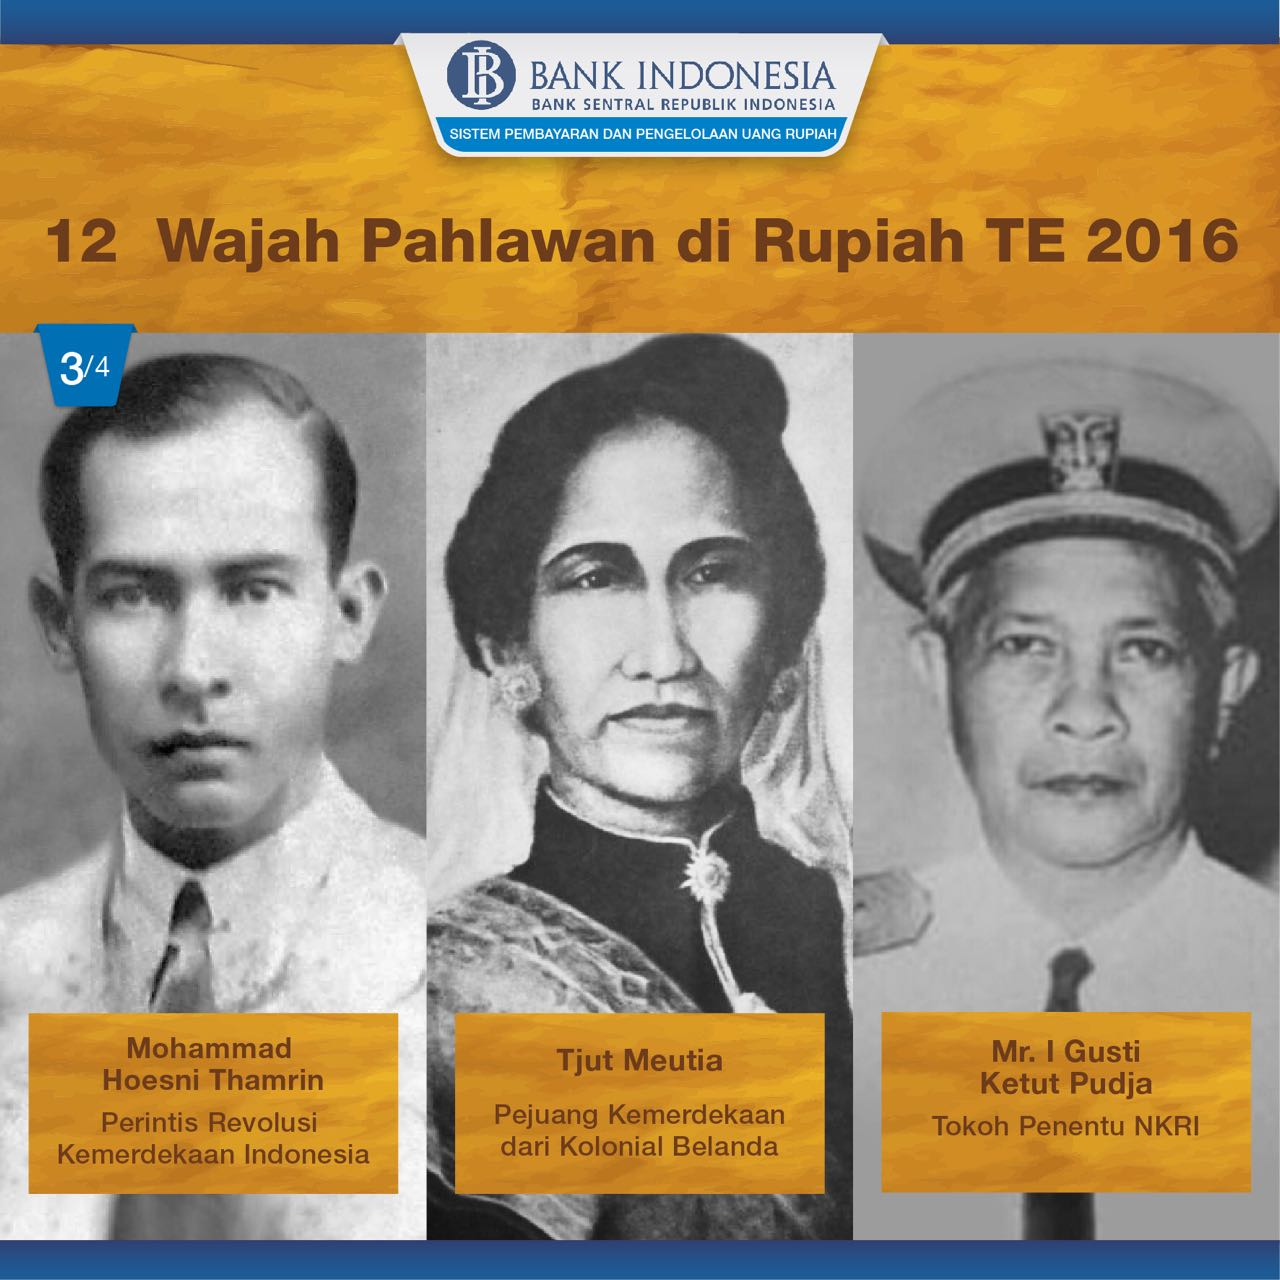 Pecahan uang yang baru nanti sudah menampilkan 12 tokoh pahlawan yang baru (foto: Dok. Bank Indonesia)